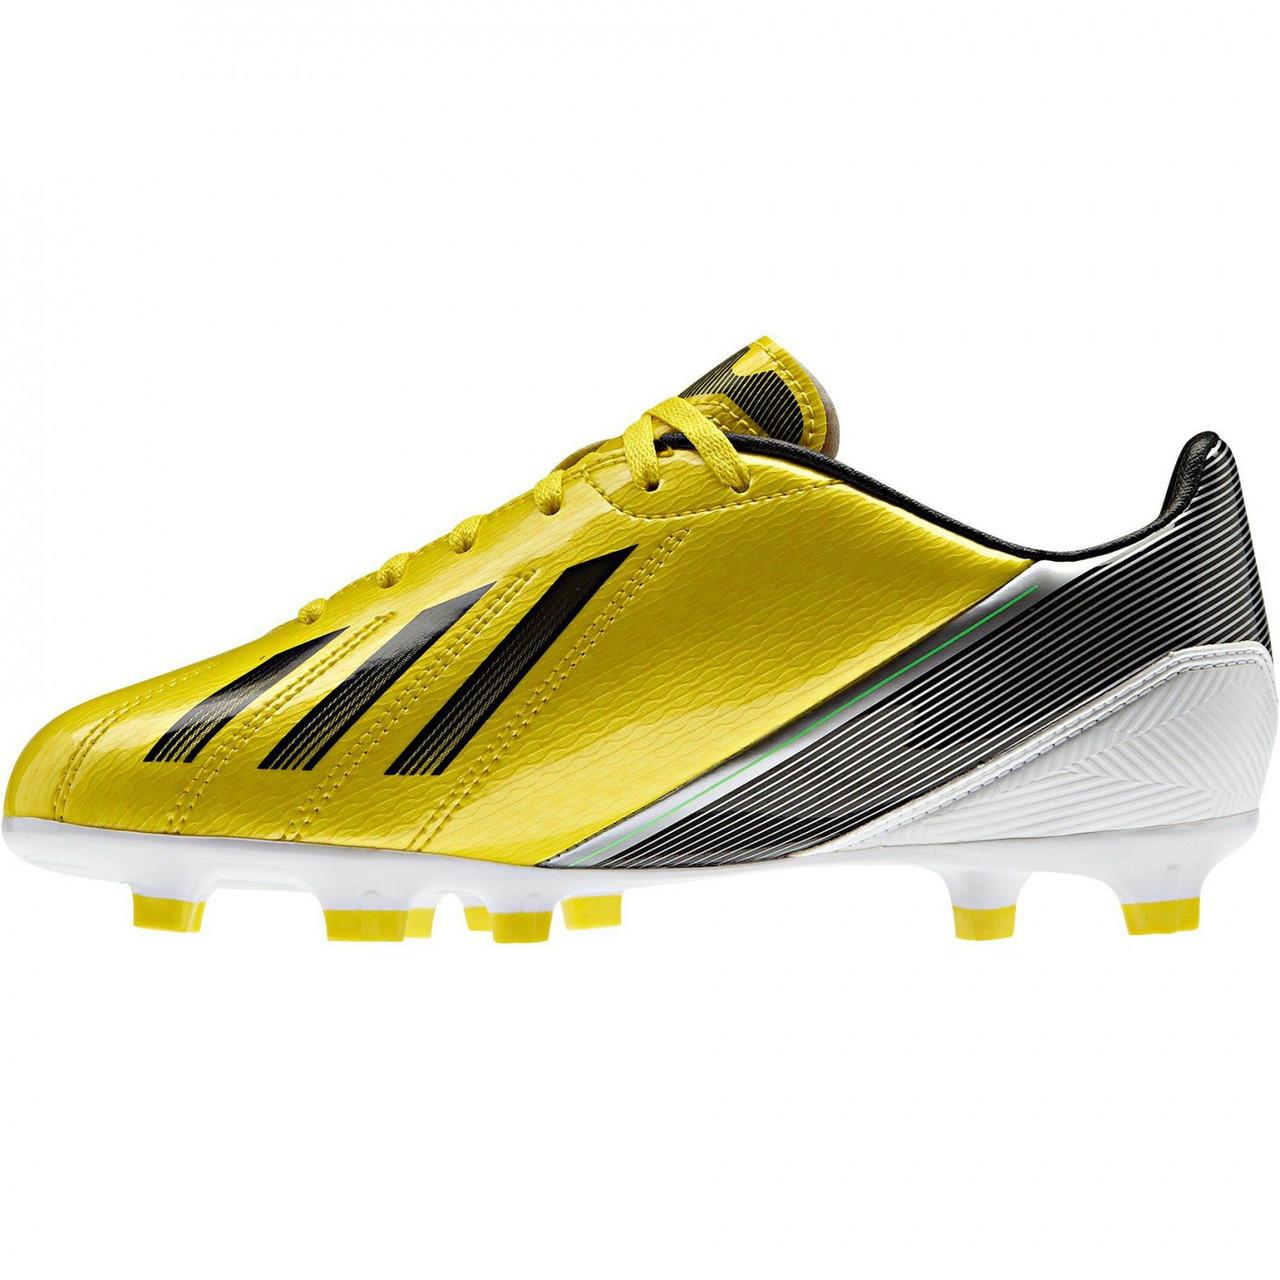 75b7675a Детские футбольные бутсы Adidas F10 TRX FG J G65352 - Магазин спортивной  одежды и обуви Спорт